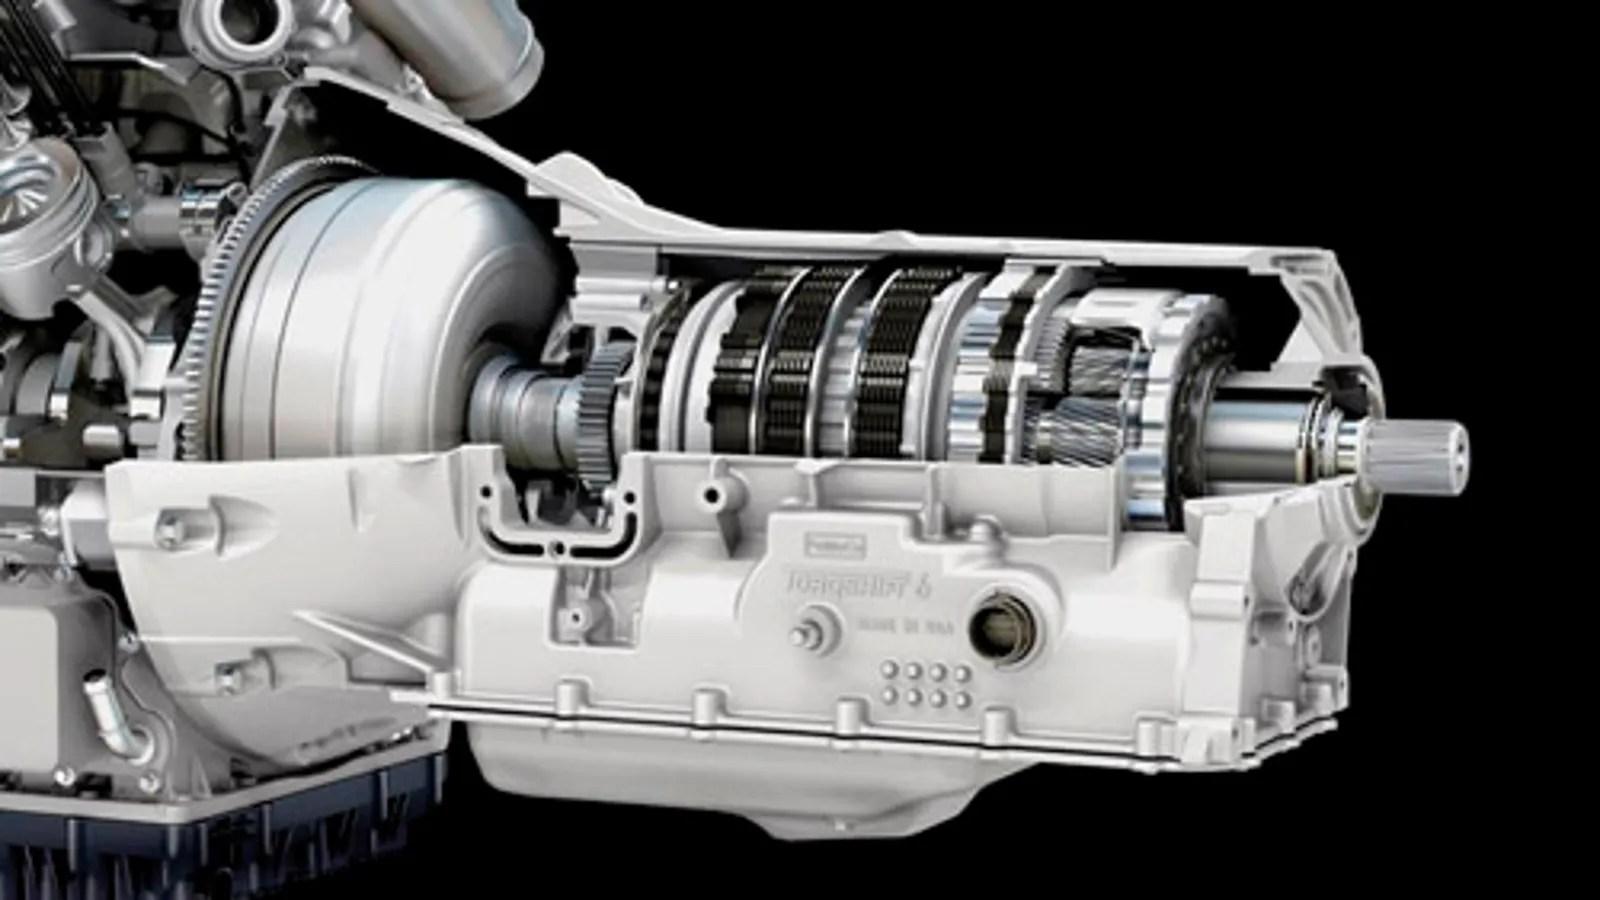 6r140 Transmission Wiring Diagram - a236446a 6r140 wire